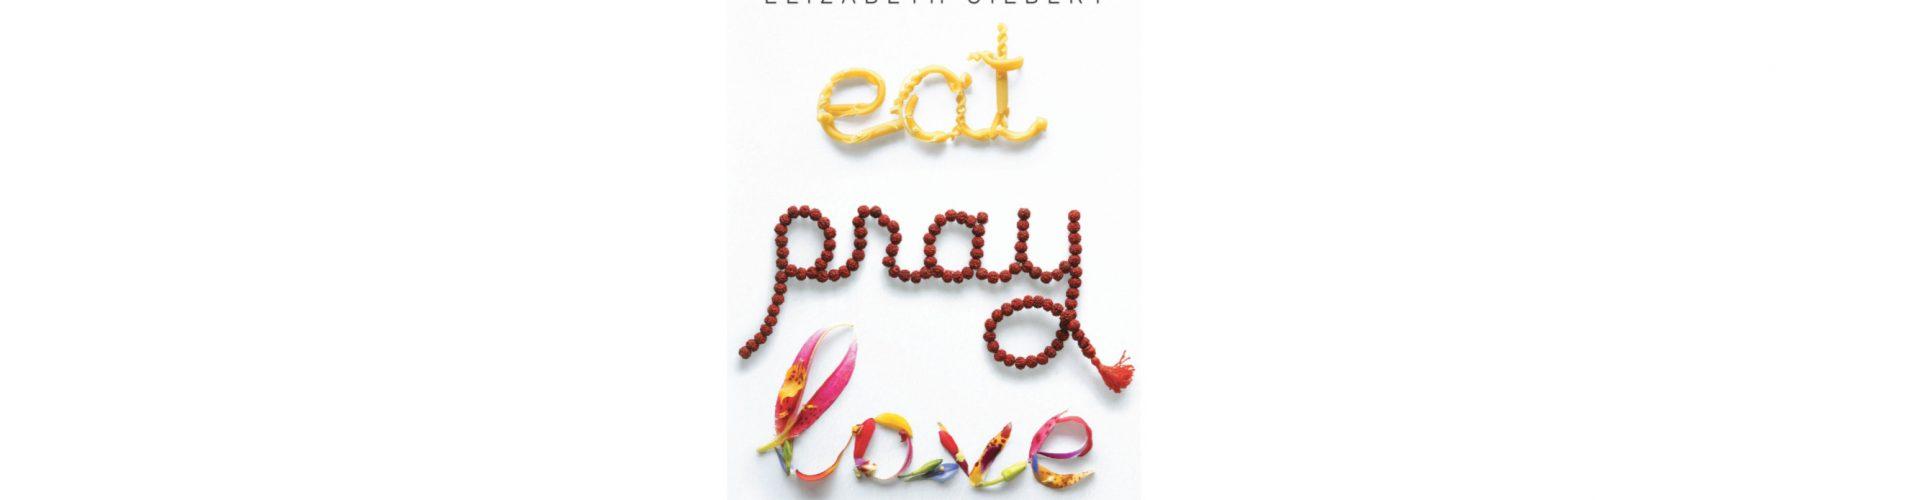 Eat Pray Love - An Extraordinary Memoir